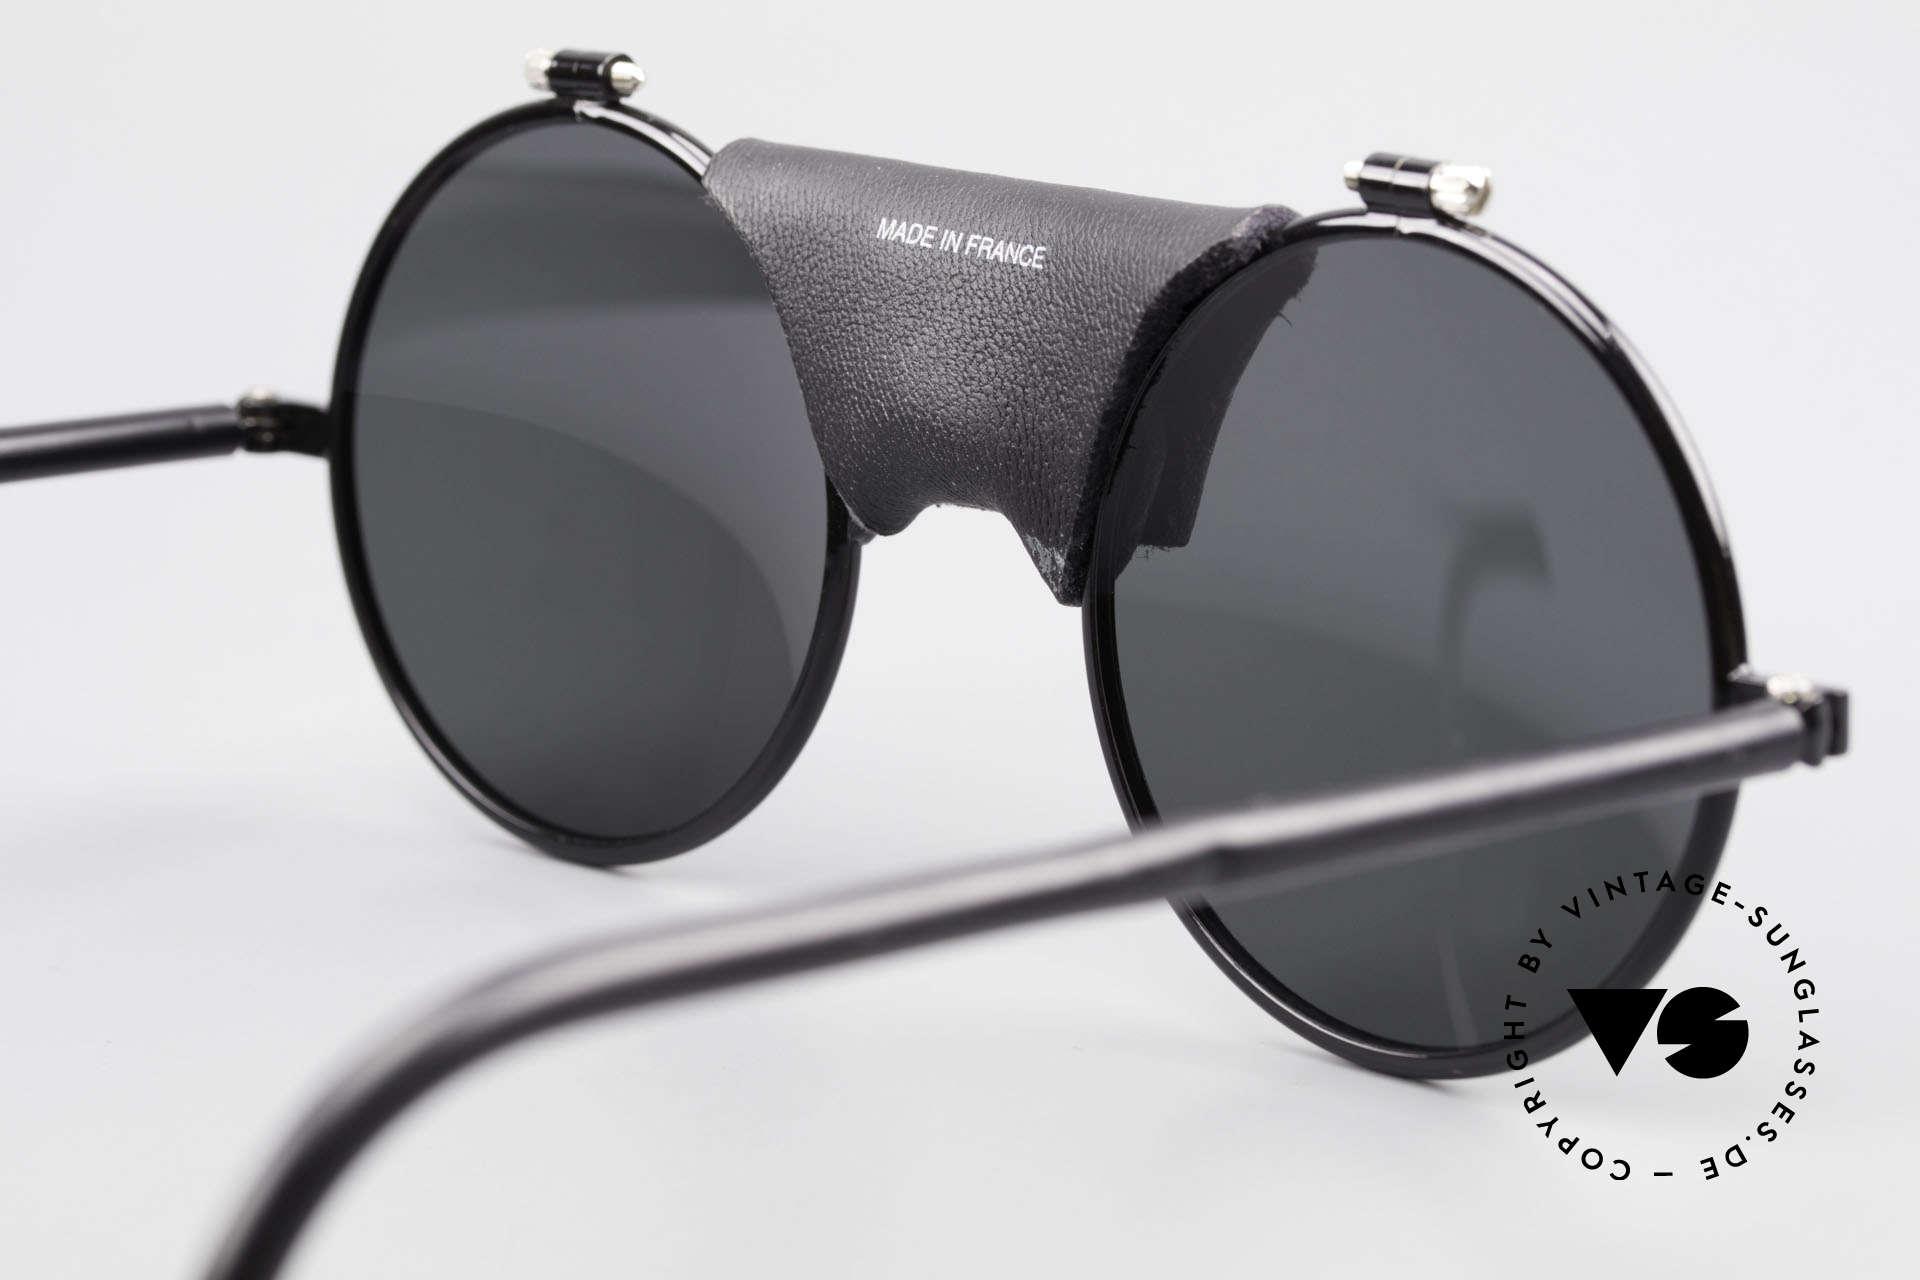 Julbo Vermont Runde Sport Sonnenbrille 90er, KEINE Retrosonnenbrille; sondern ein 1990er Original!, Passend für Herren